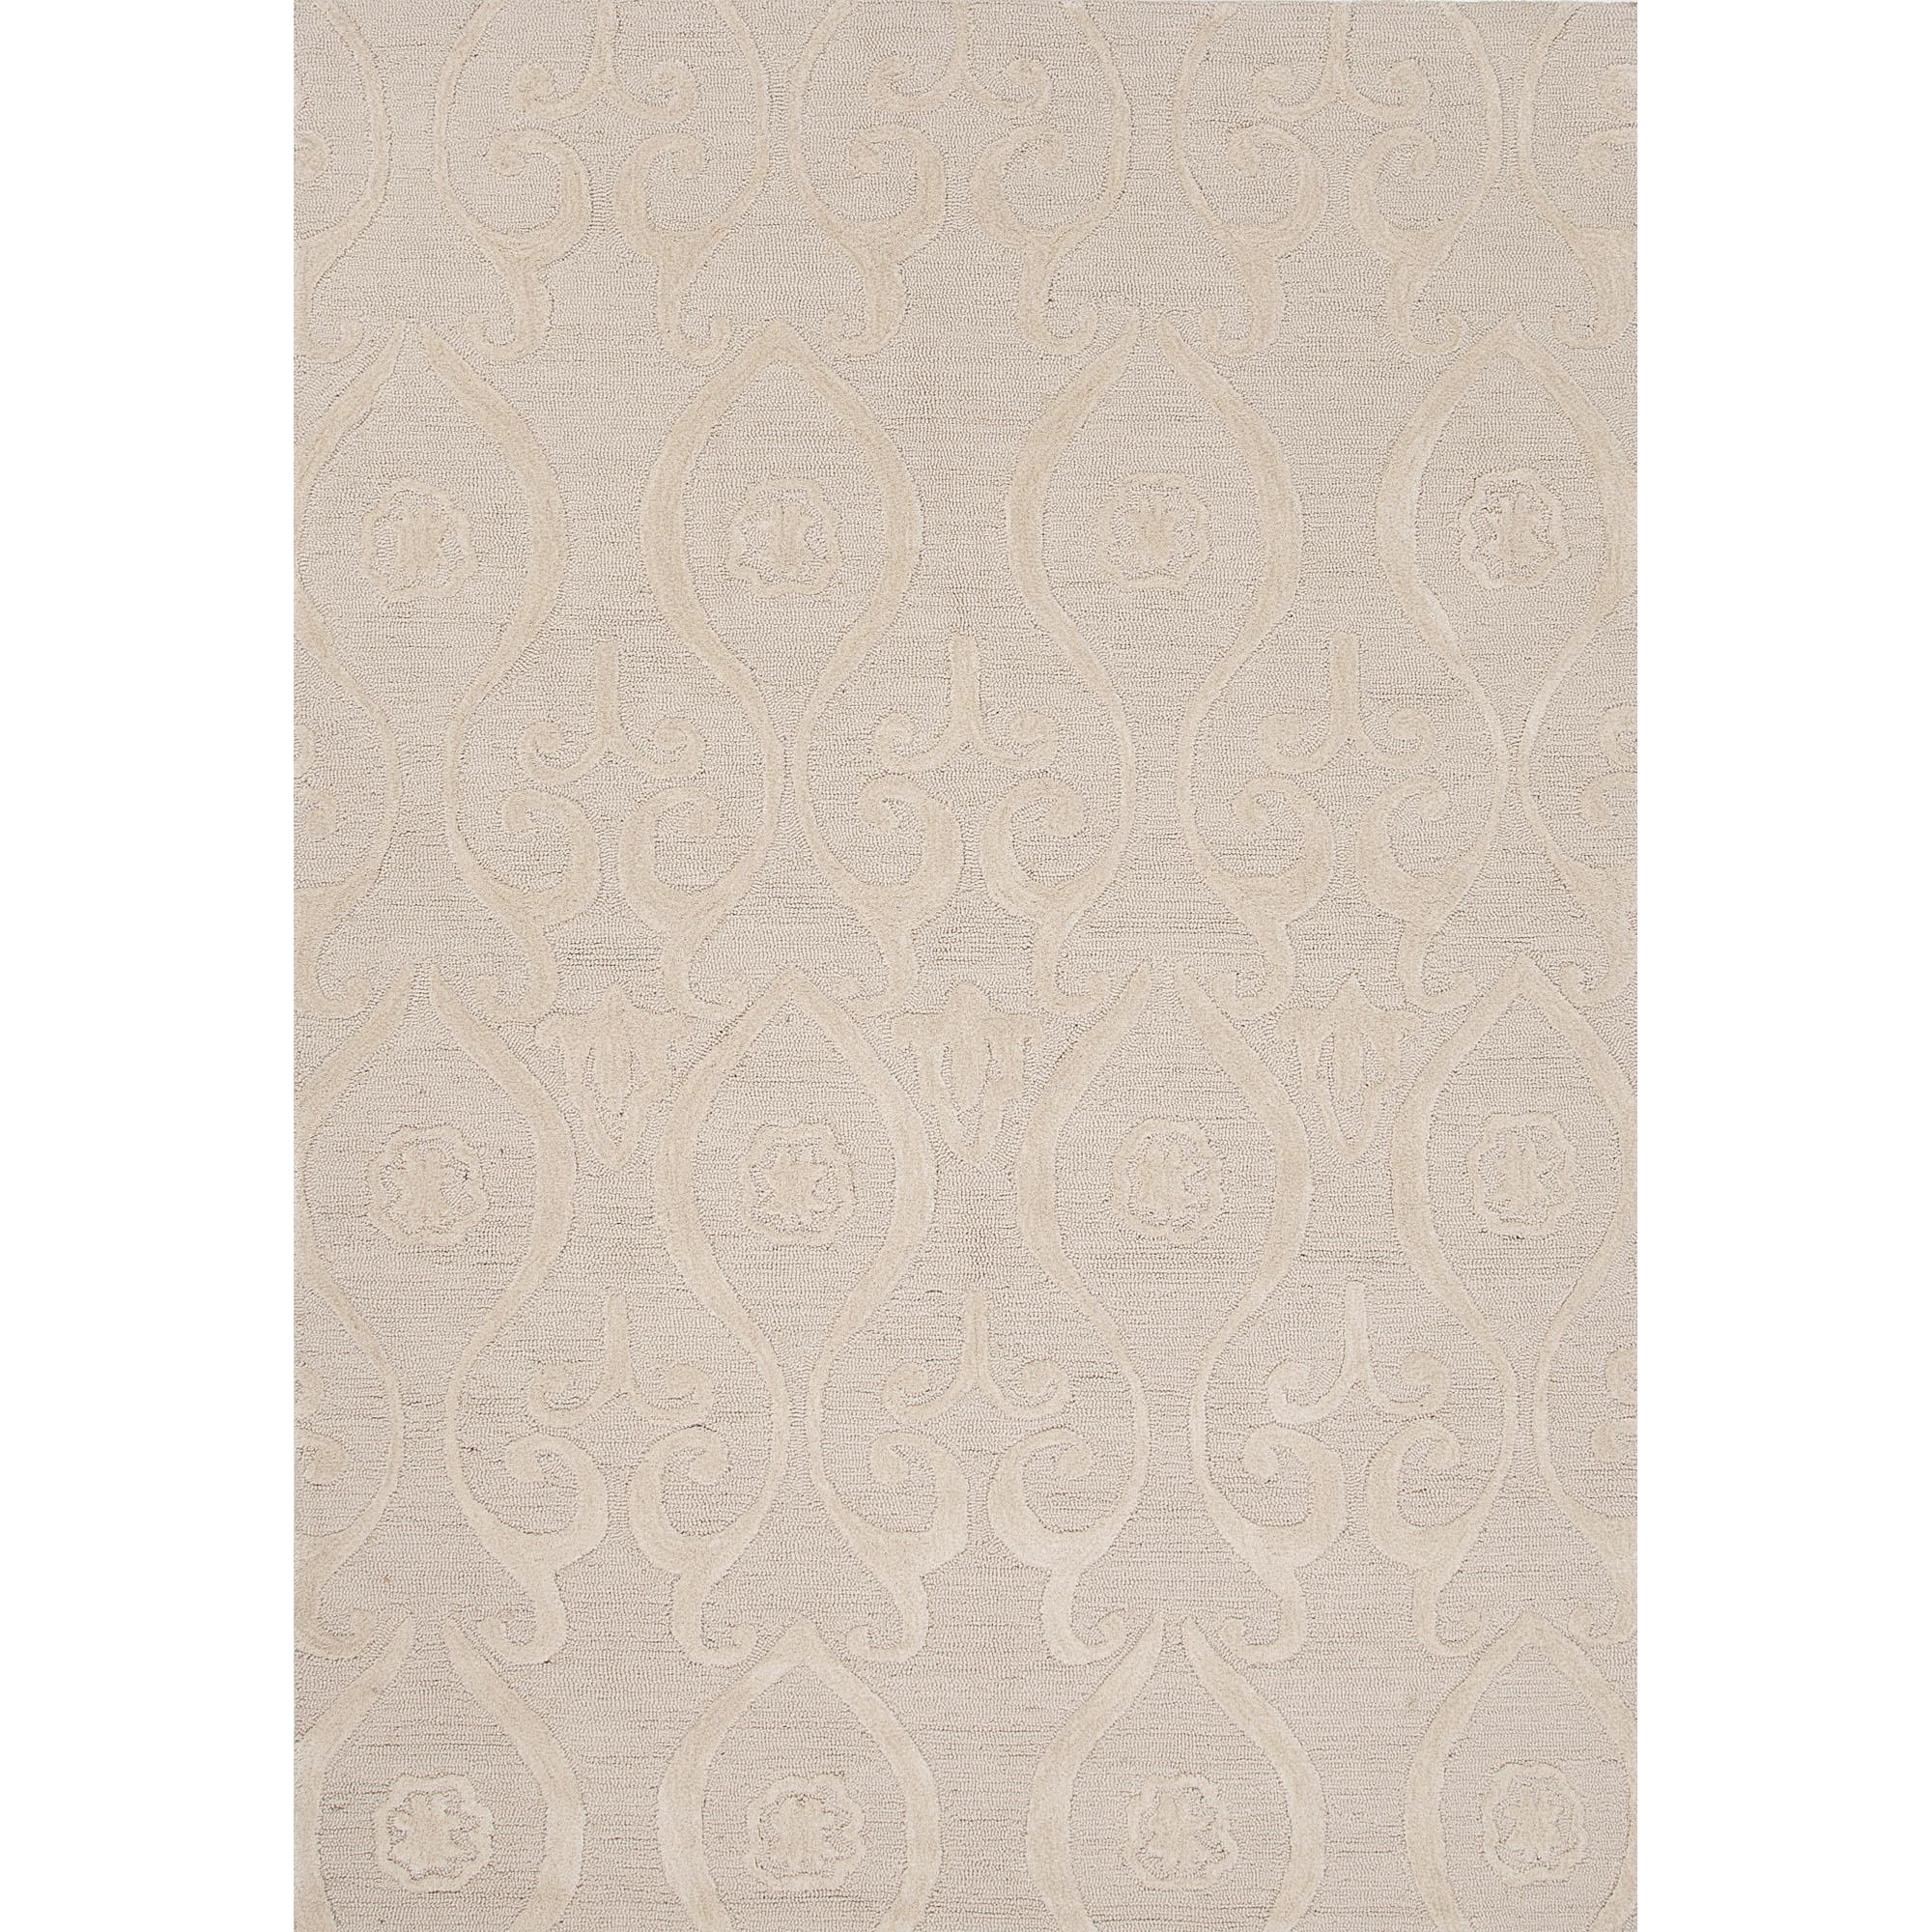 JAIPUR Rugs Devine 7.6 x 9.6 Rug - Item Number: RUG122563